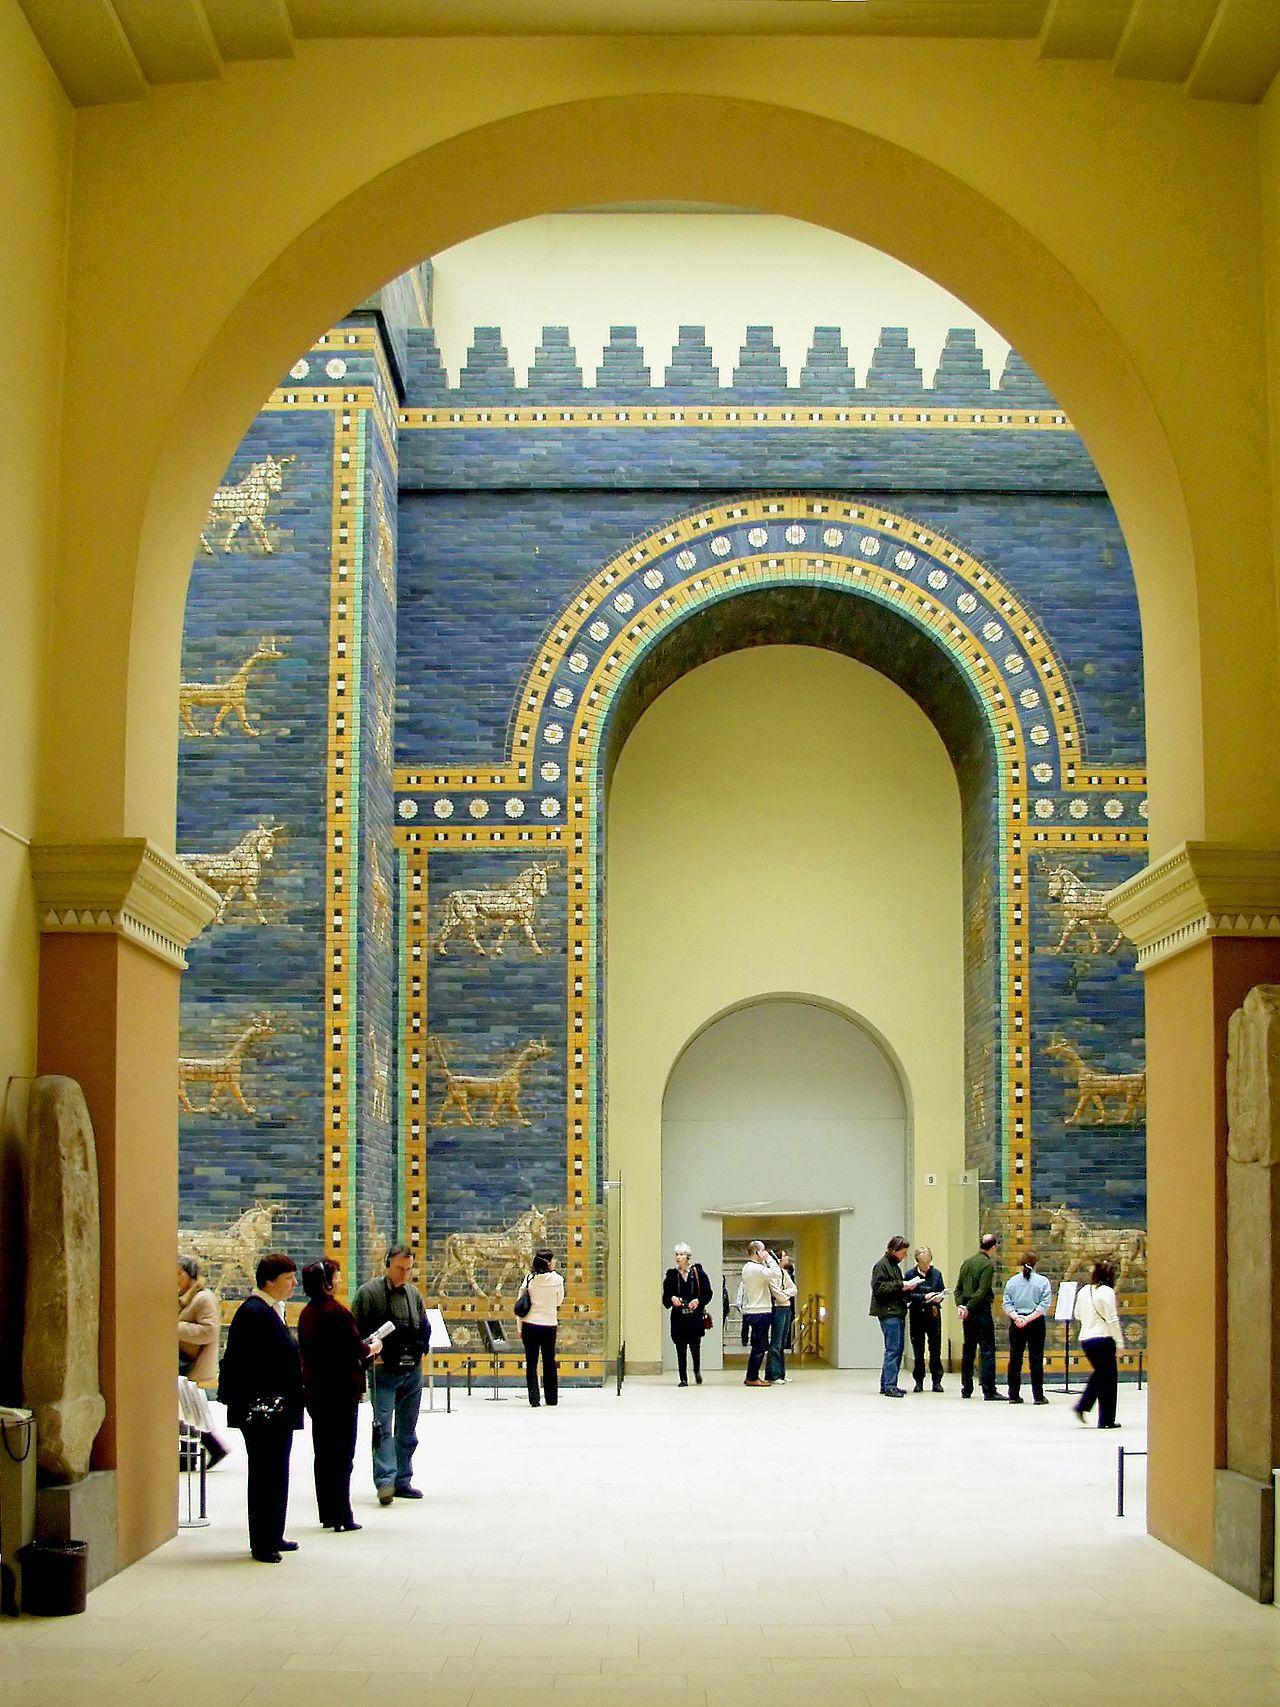 Istar Gate Pergamon Museum Pergamon Museum Pergamon Museum Berlin Pergamon